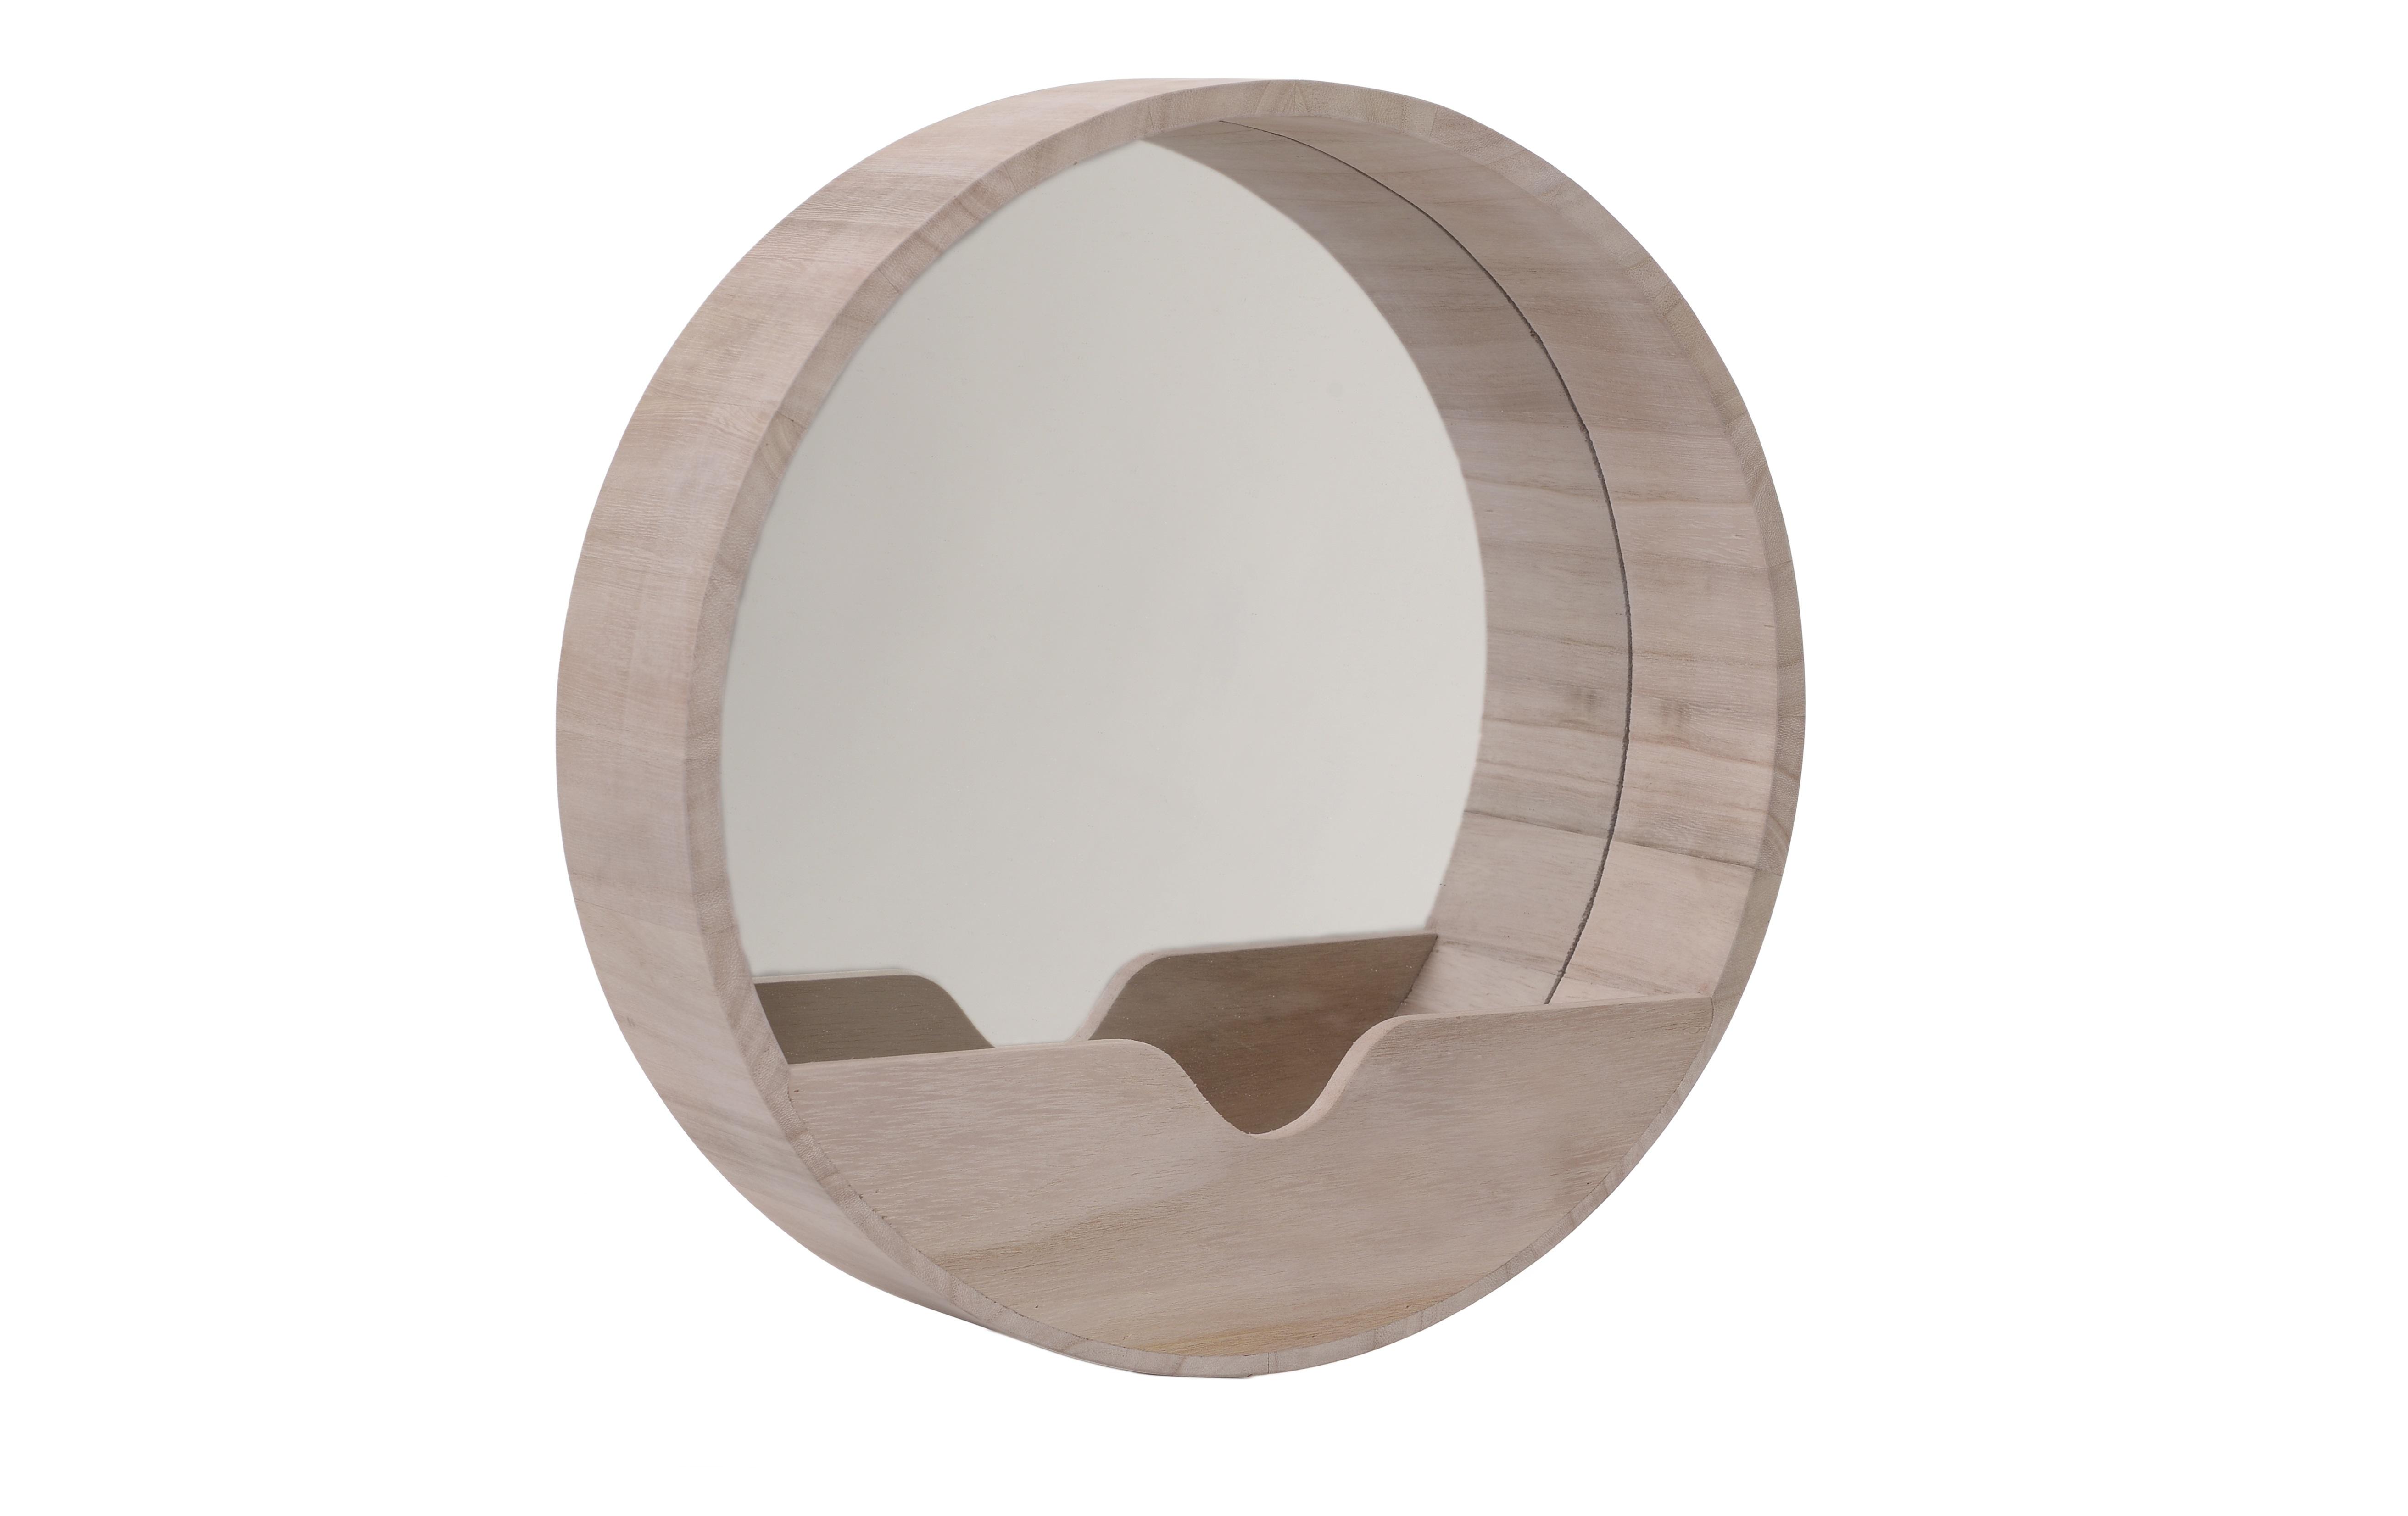 Зеркало настенное TrelleborgНастенные зеркала<br>Материал: дерево, стекло<br><br>Material: Дерево<br>Ширина см: 35.0<br>Высота см: 35.0<br>Глубина см: 8.0